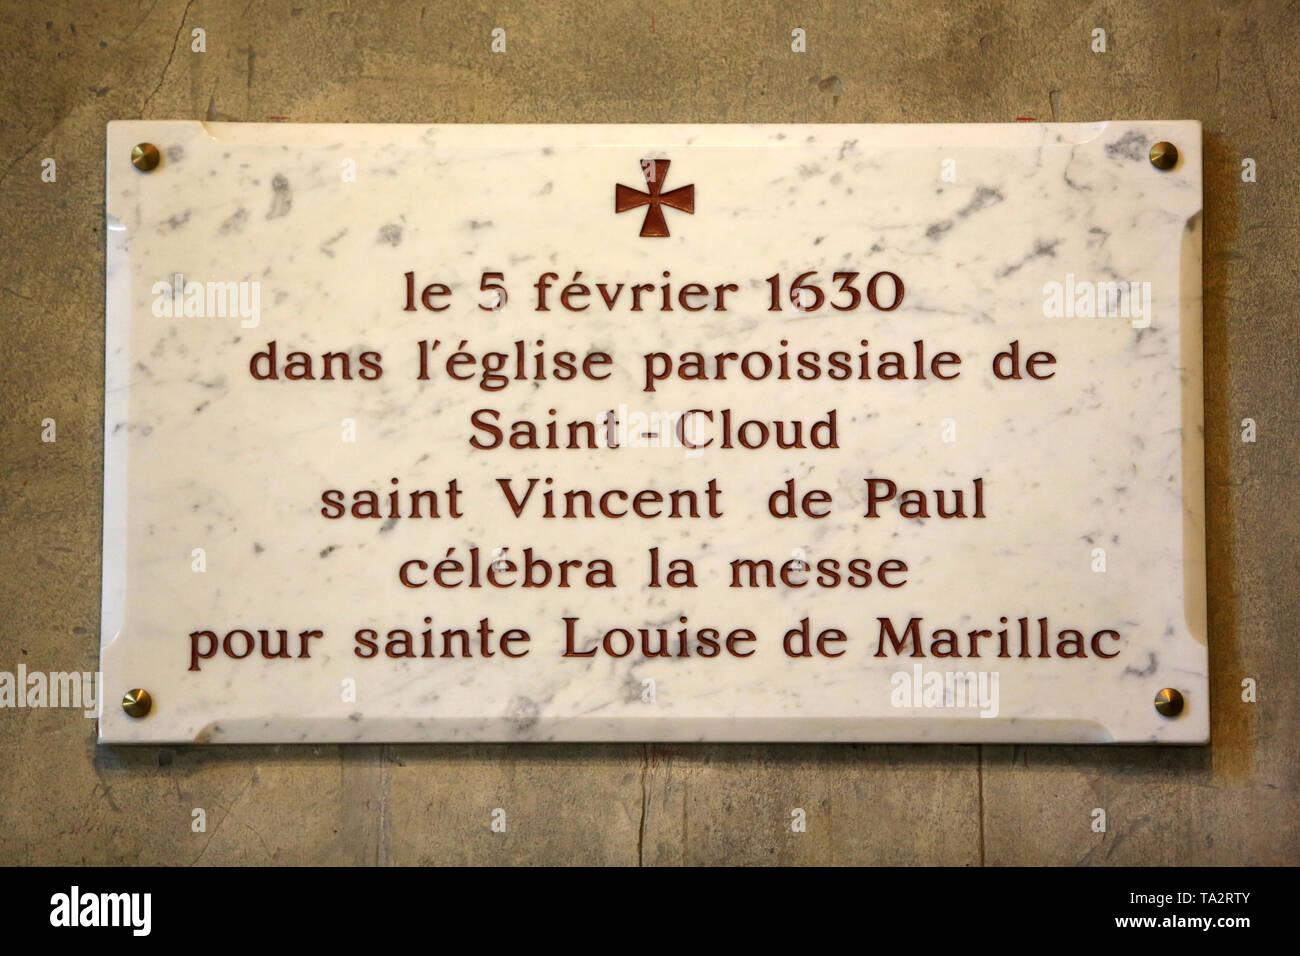 Le 5 février 1630, dans l'église paroissiale de Saint-Cloud, Saint-Vincent de Paul célébra la Messe gießen Sainte-Louise de Marillac. Plakette murale. Stockbild